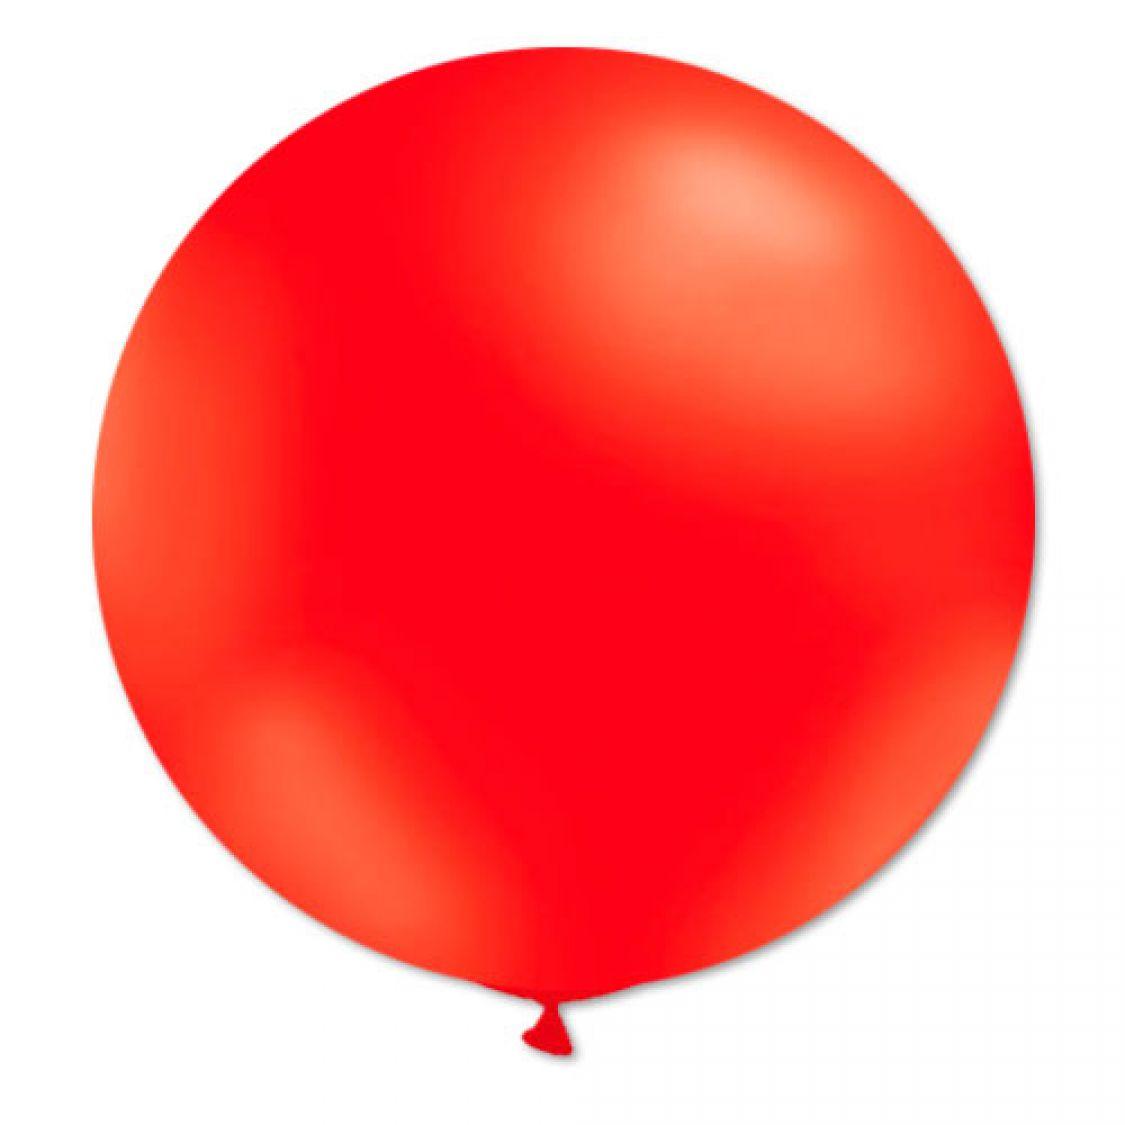 Ballon rouge for Que veut dire la couleur rouge